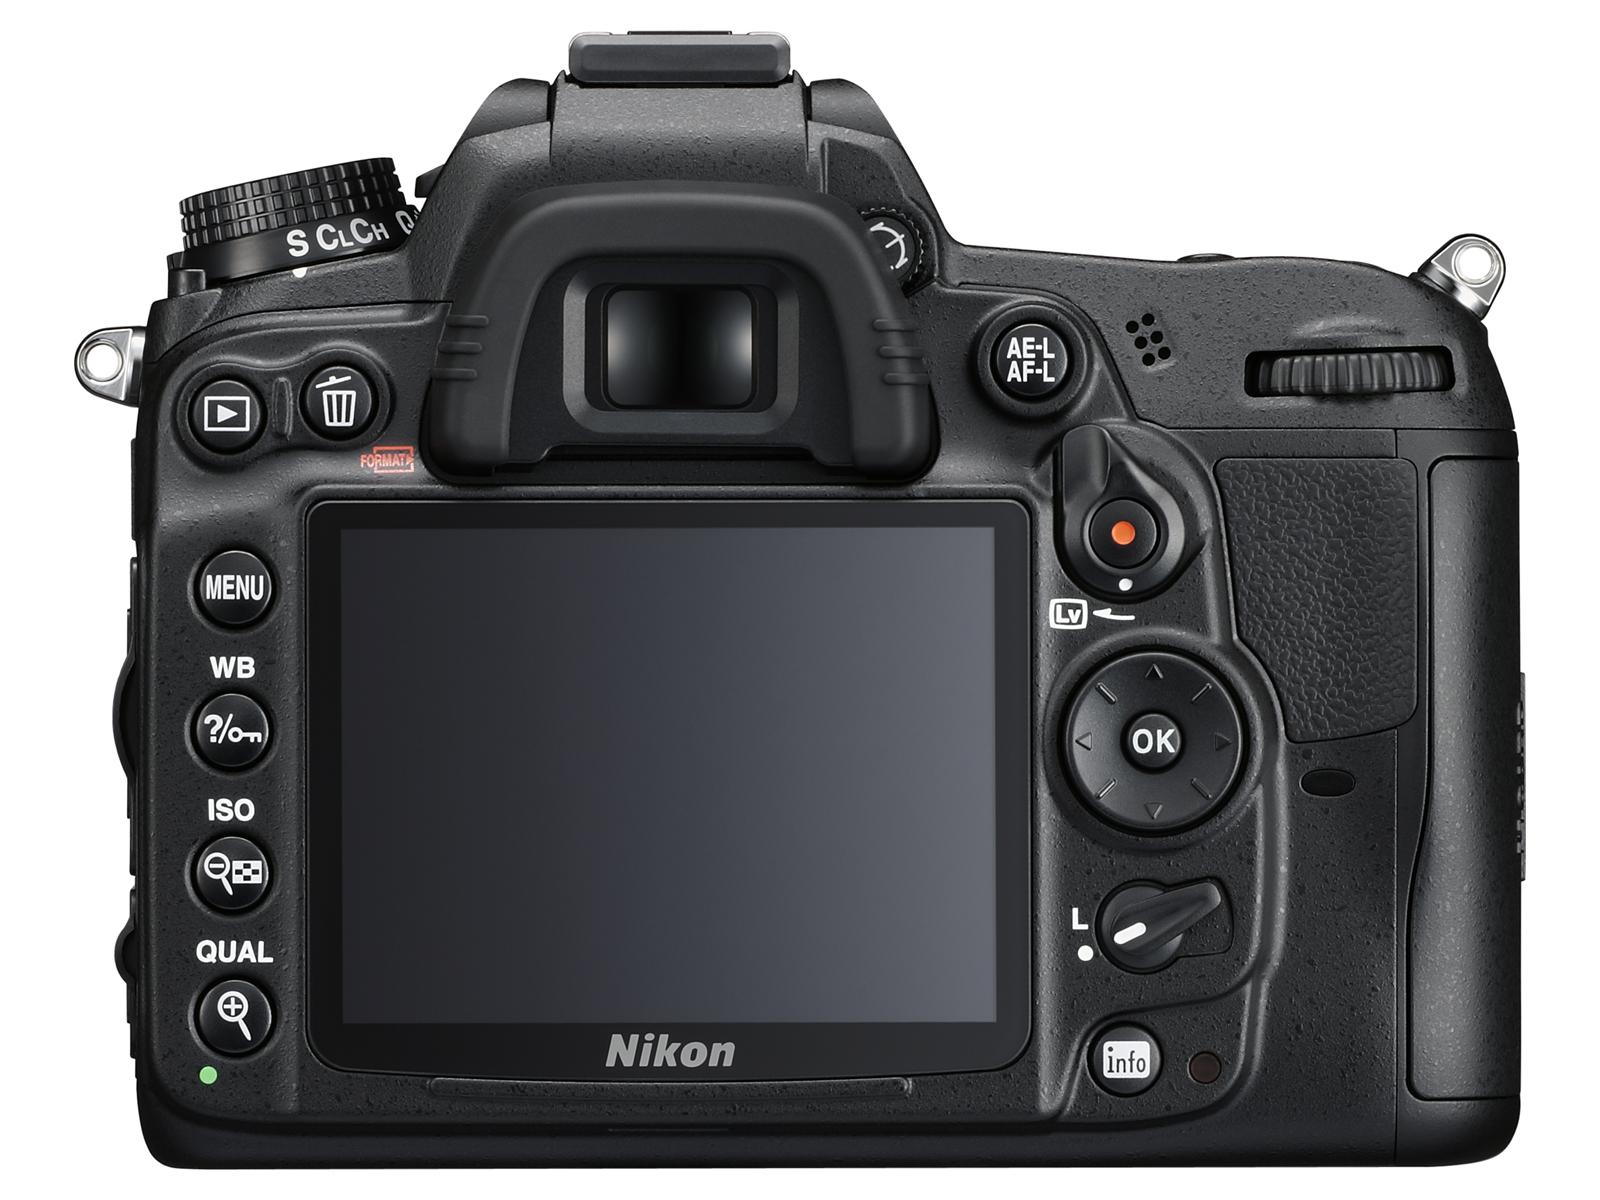 Nikon D7000 - 17